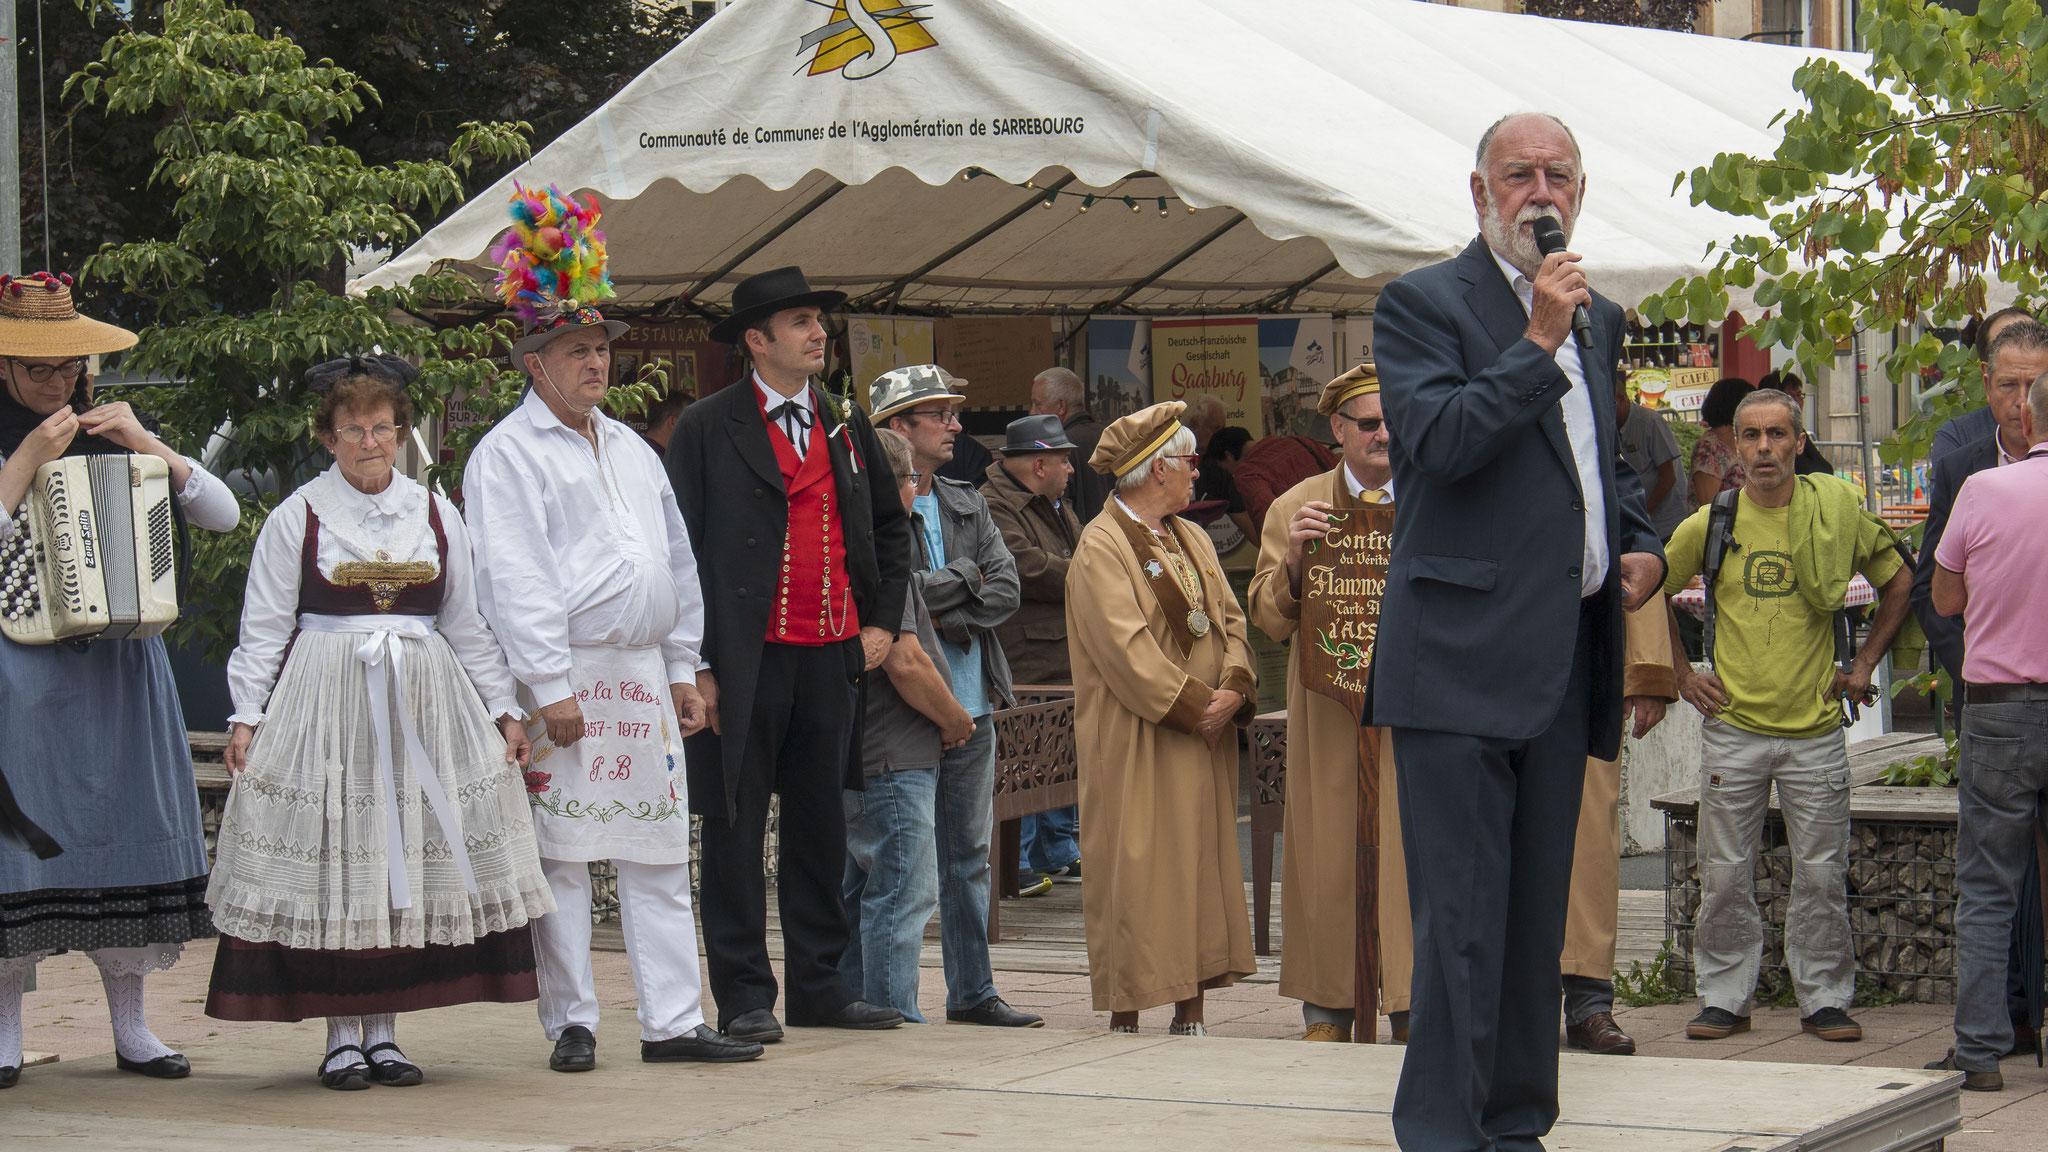 Die Begrüßungsrede vom Sarrebourger Bürgermeister